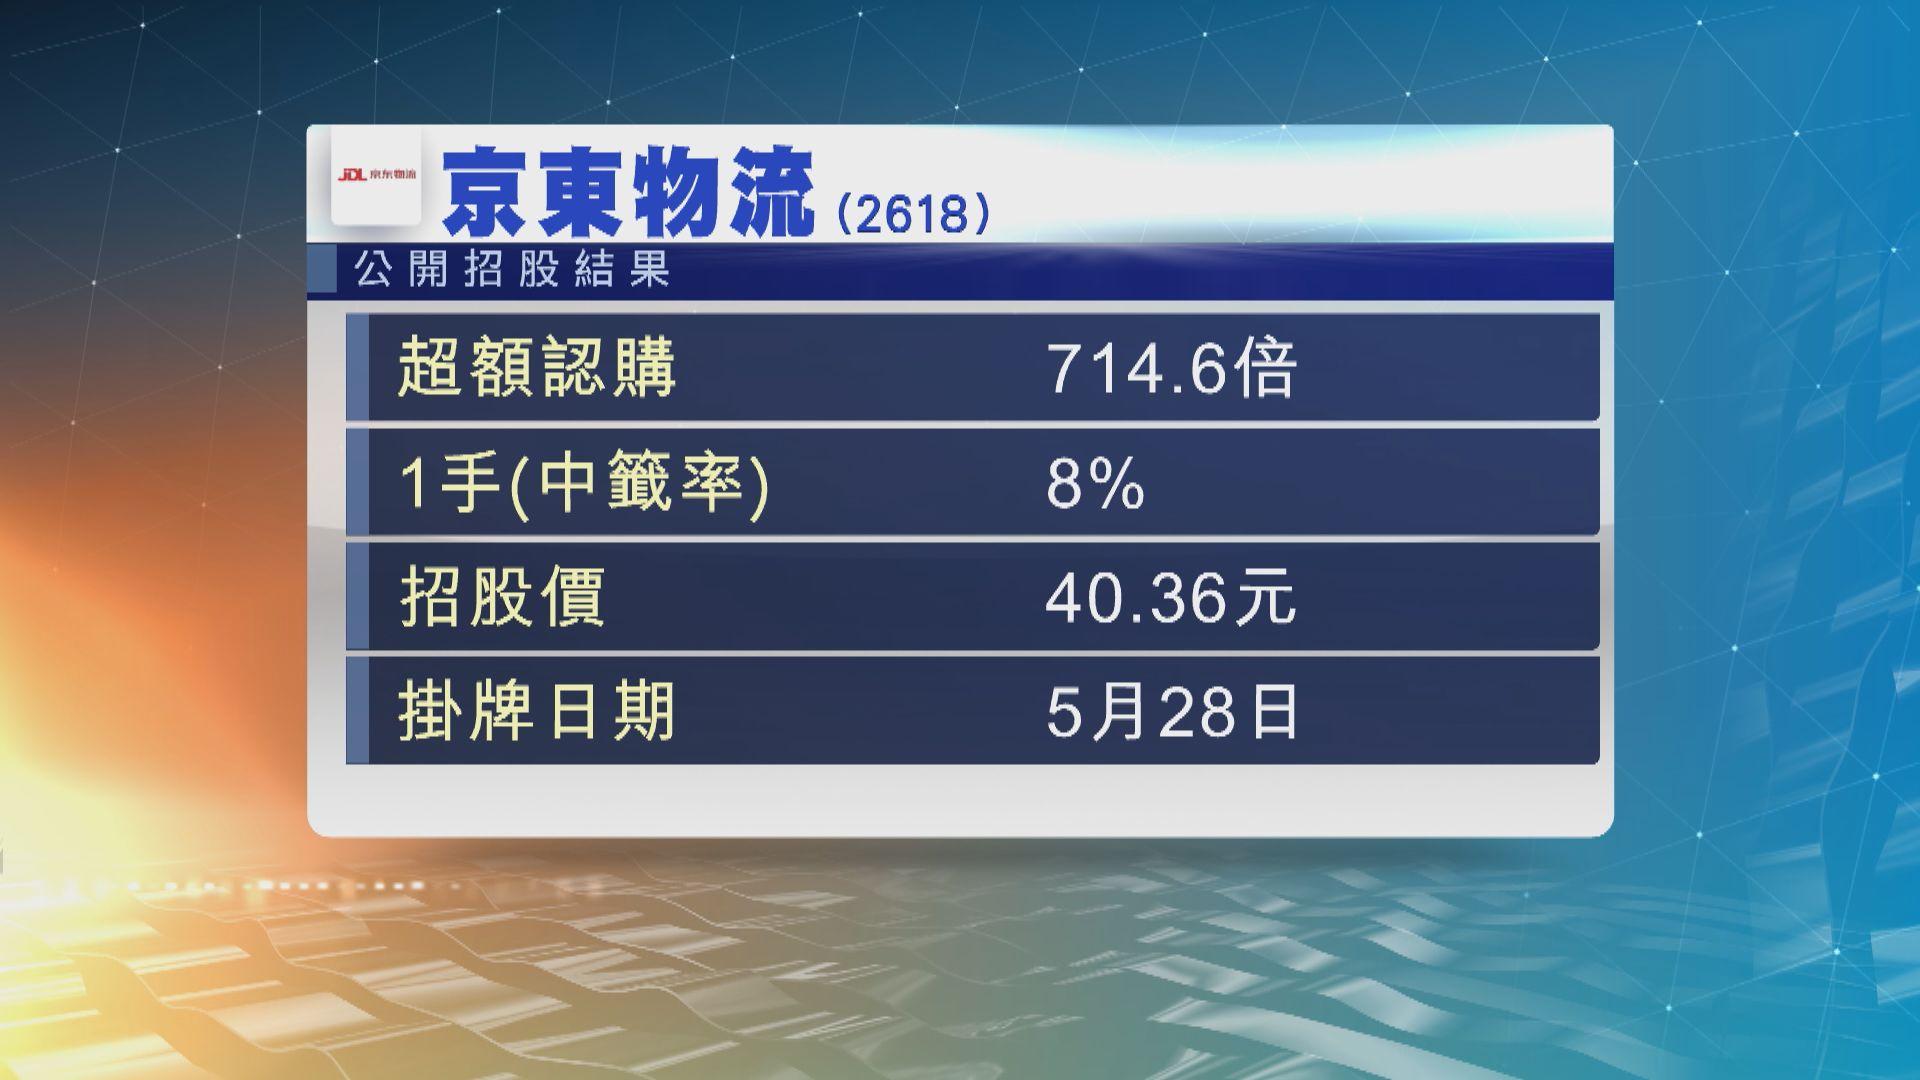 京東物流公開招股 獲超過700倍超額認購